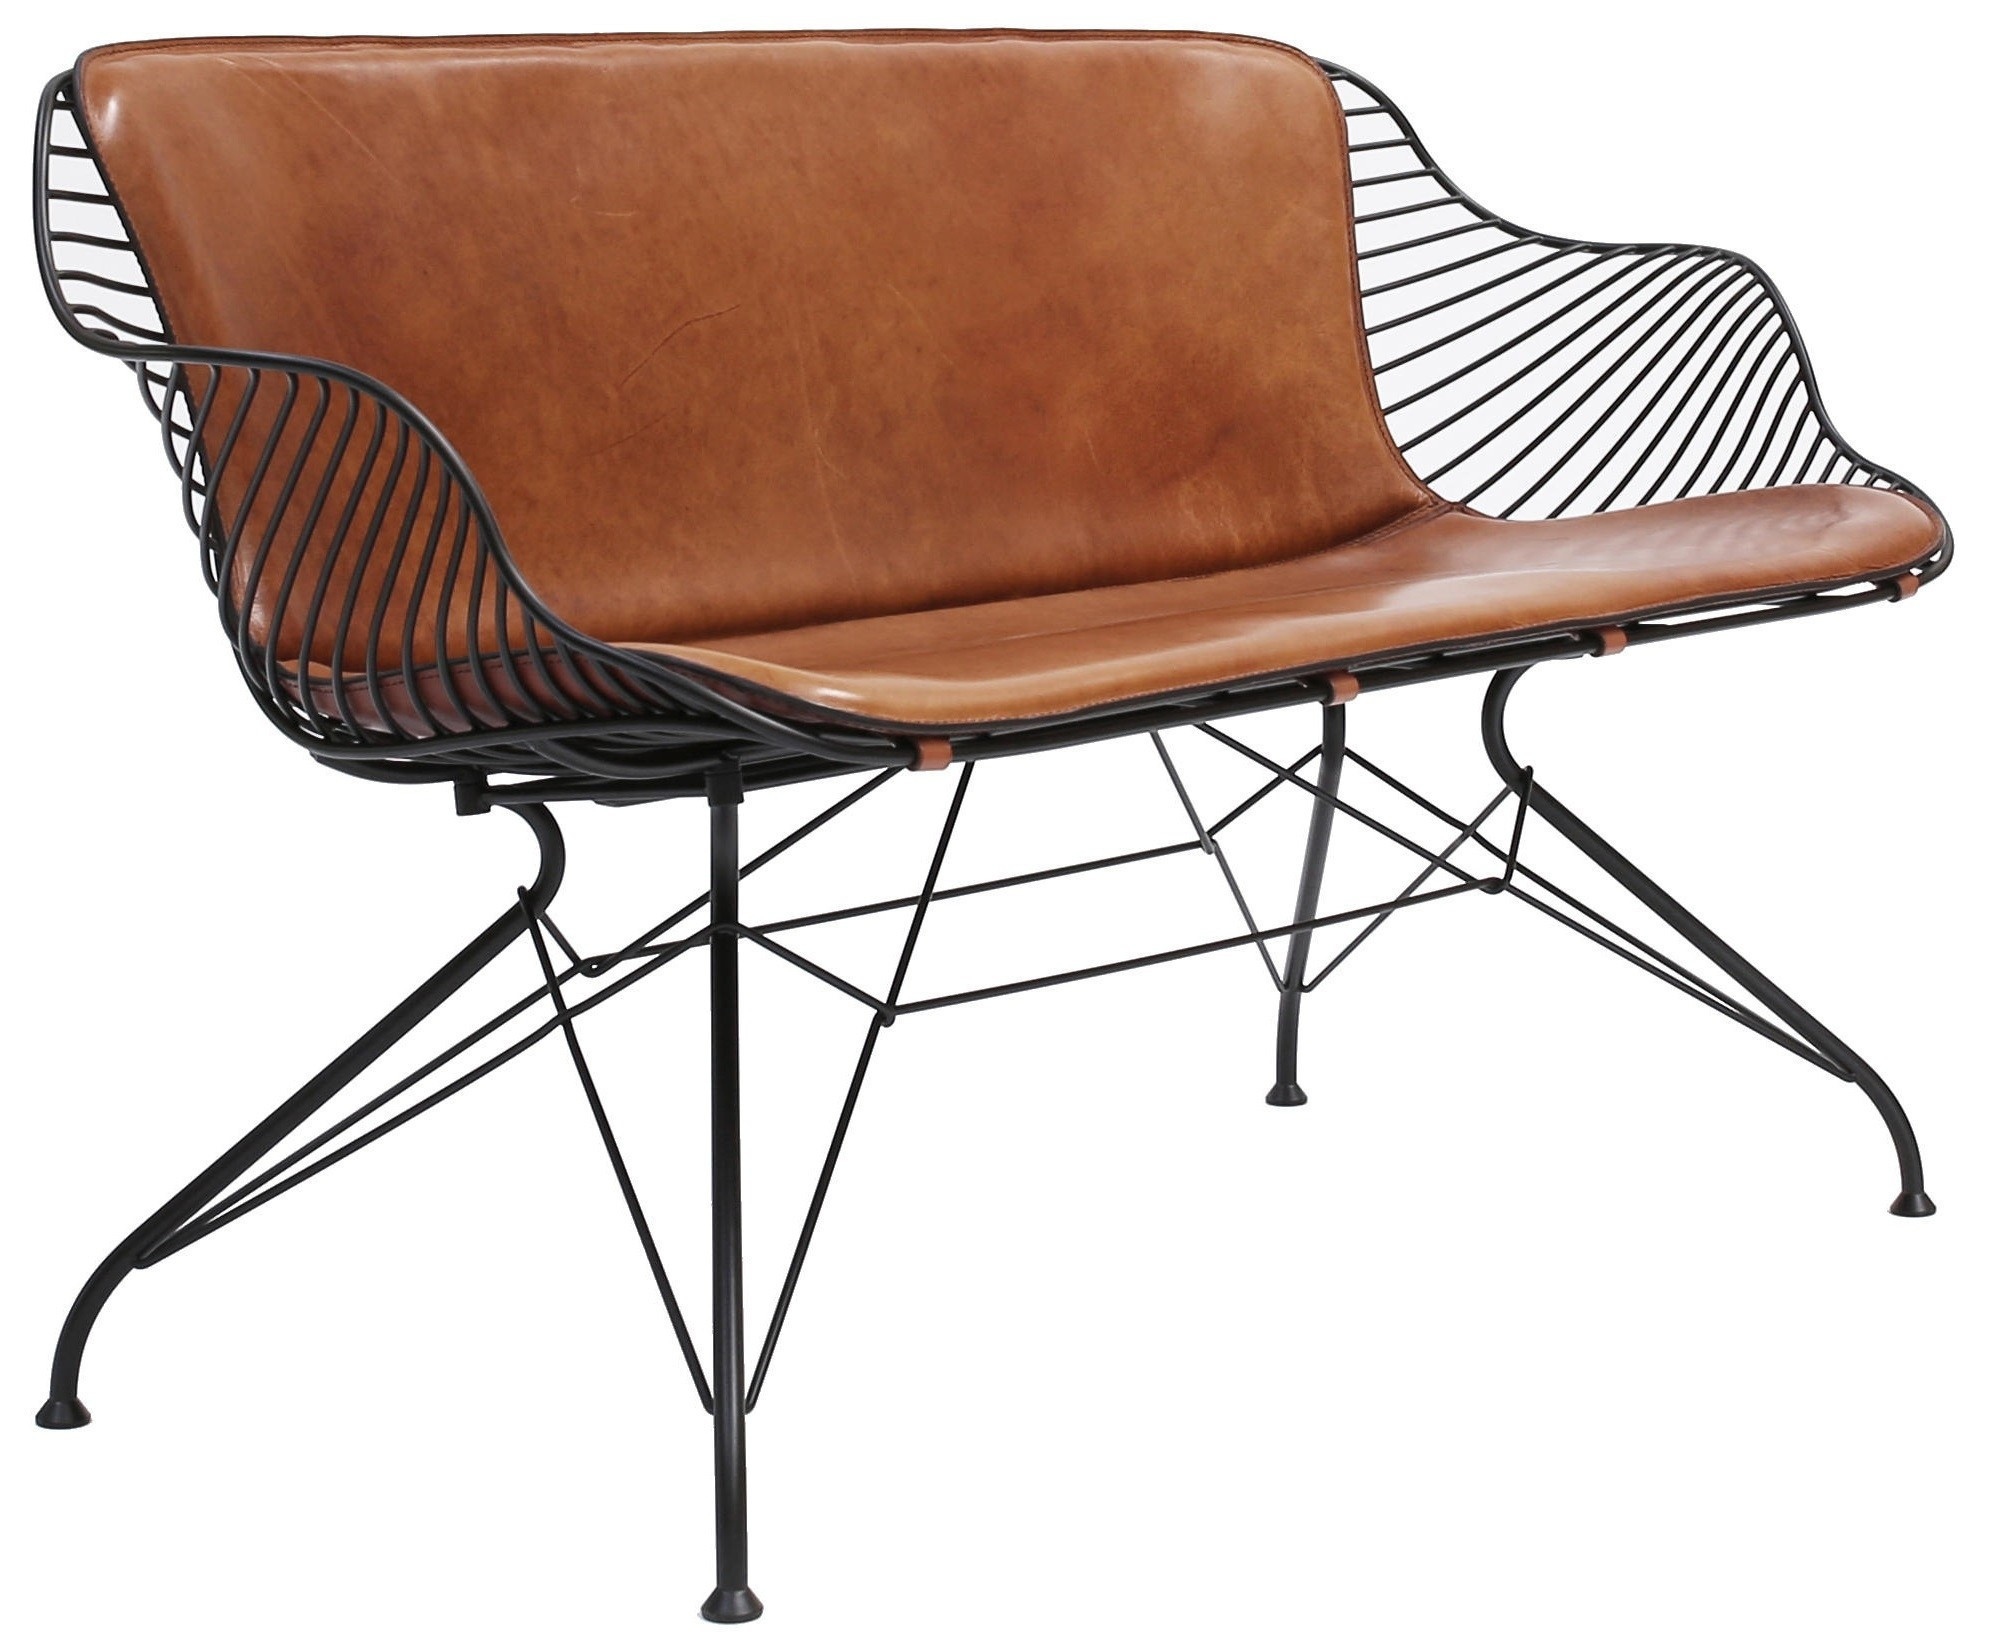 hardwood flooring nashville tn of best wood for furniture regarding outdoor loungemobel best outdoor lounge chair elegant luxuria¶s wicker outdoor sofa 0d